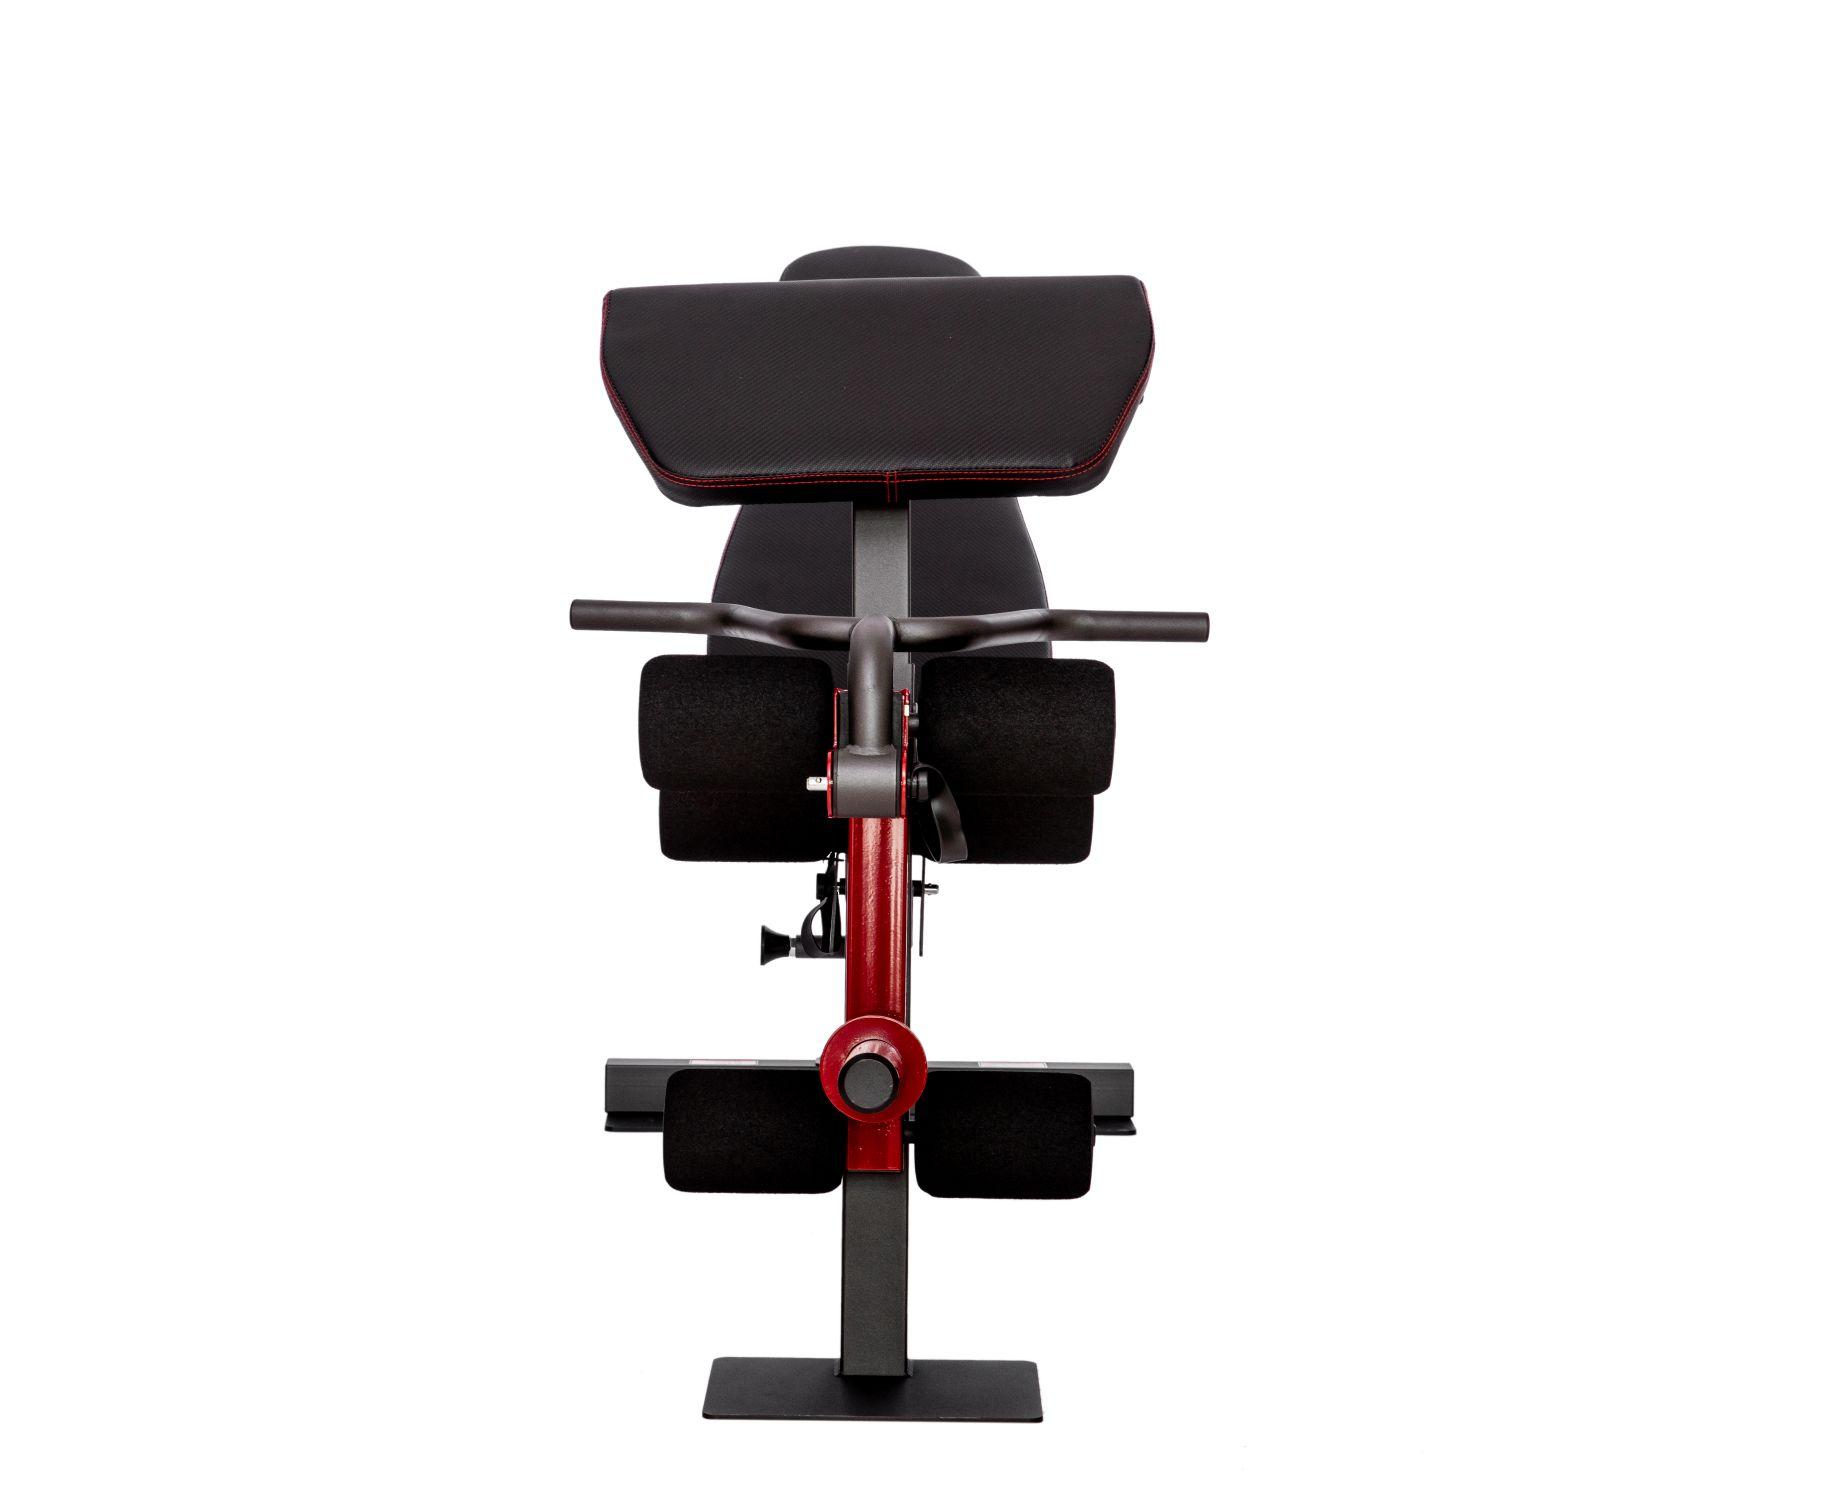 Силовой тренажер со скамьей и опциями DFC 8500 (D3023B+D3022SM)